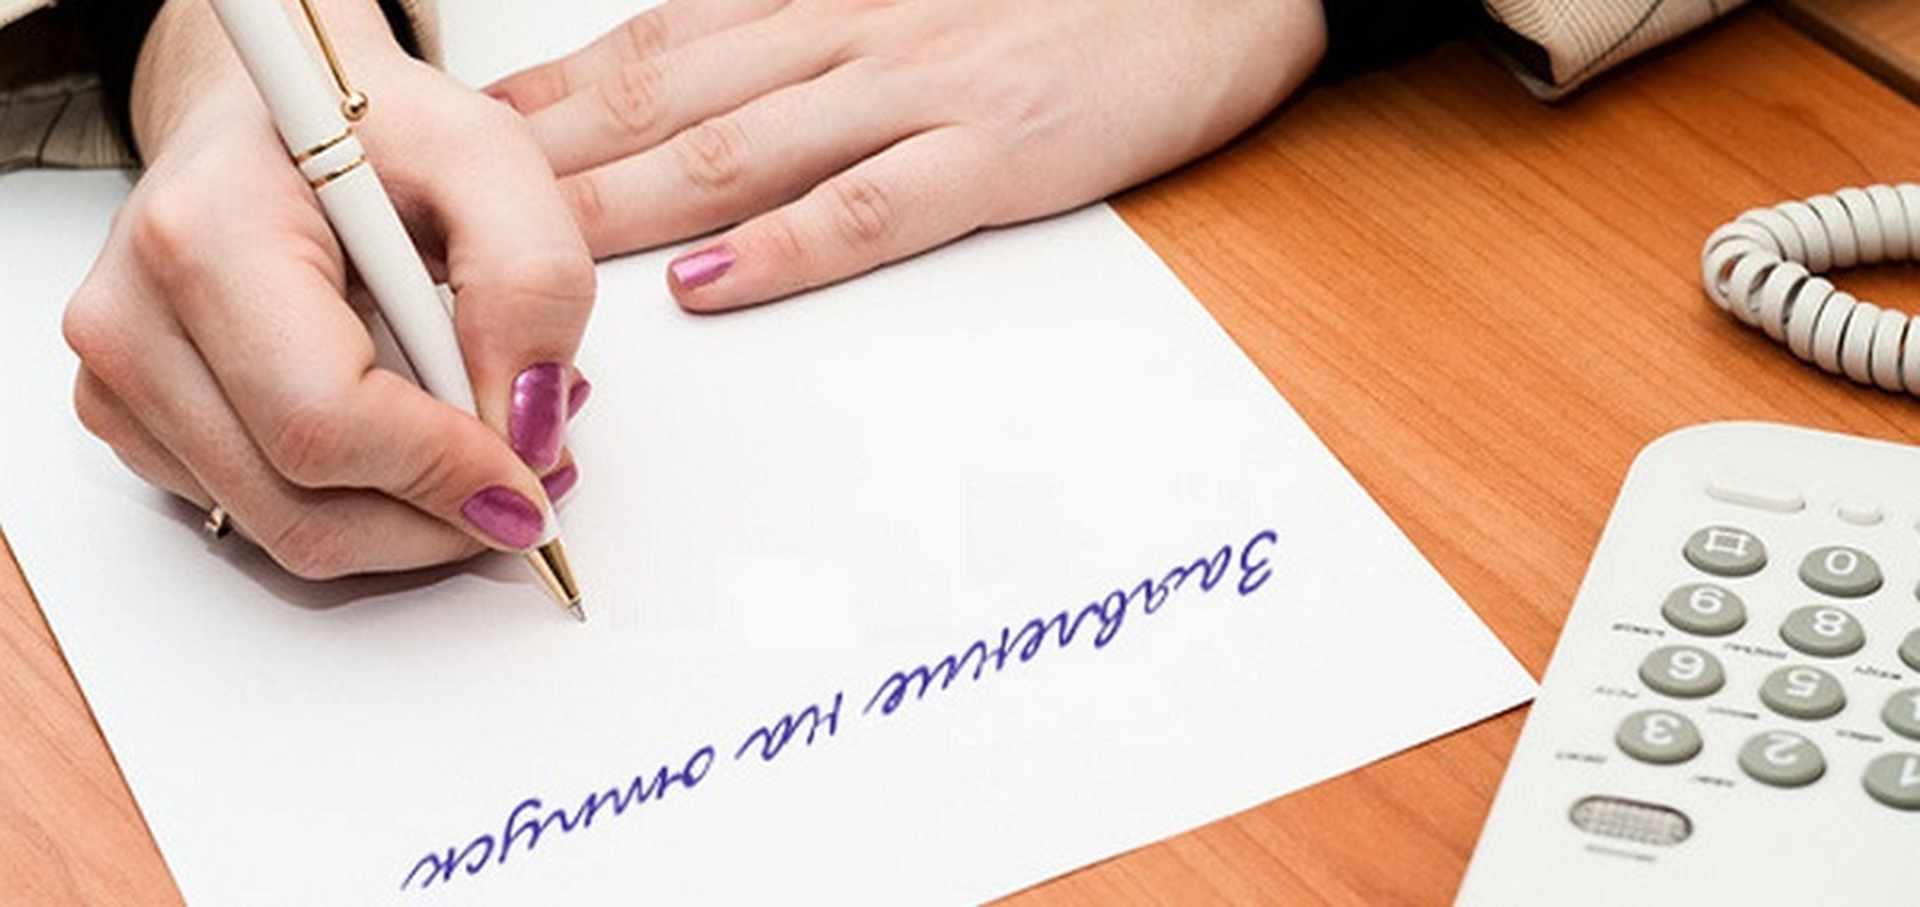 Заявление добровольное переселение соотечественников в россию 2020